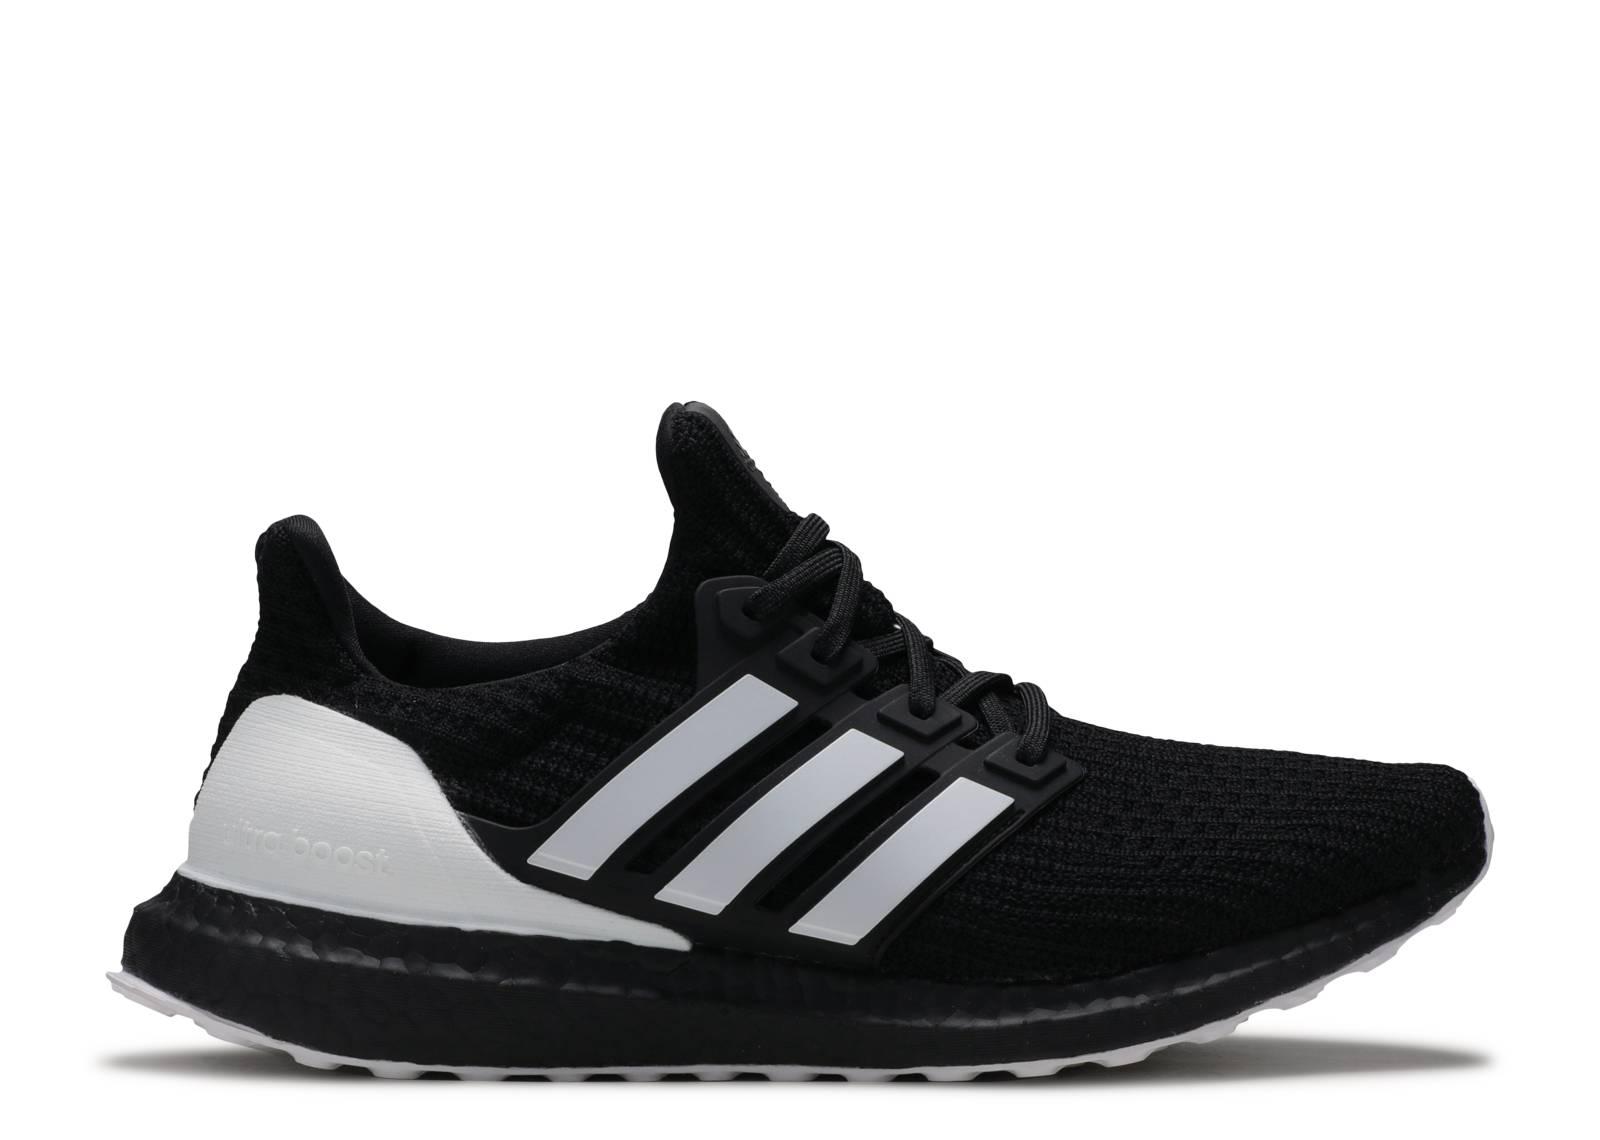 adidas Ultra Boost Running Shoes, £98.00 Sweatshop